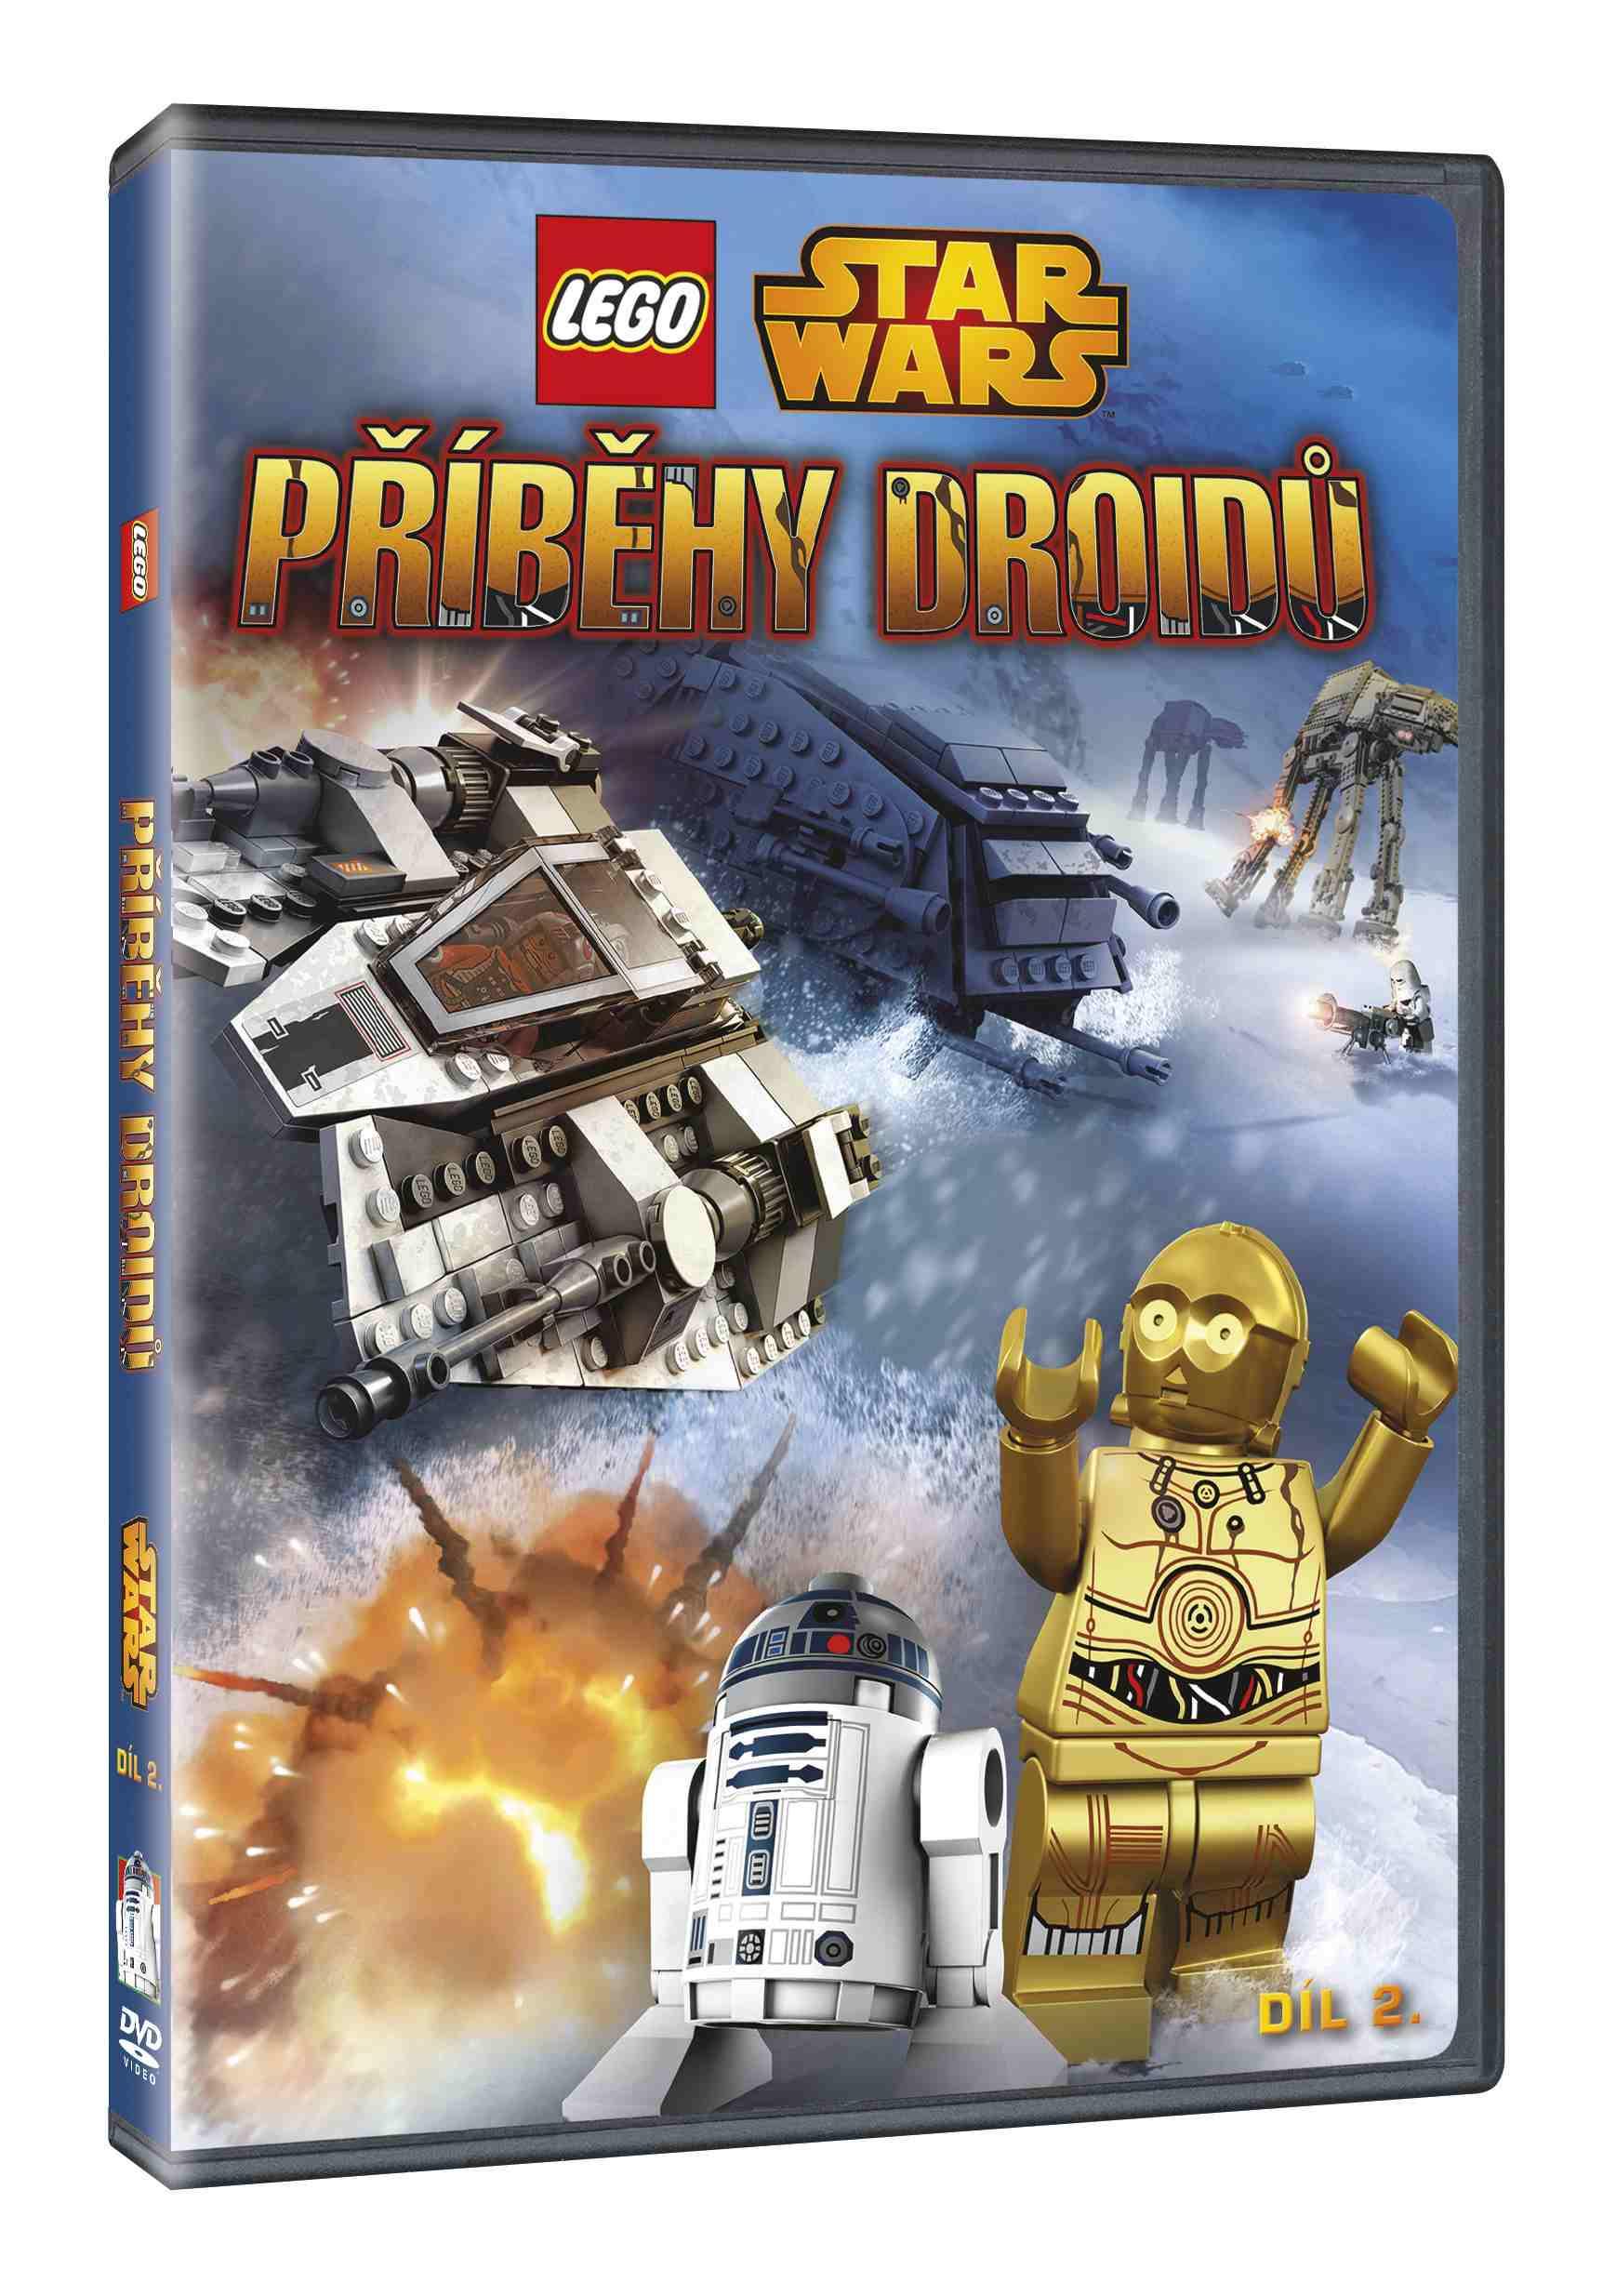 LEGO STAR WARS: PŘÍBĚHY DROIDŮ 2 - DVD